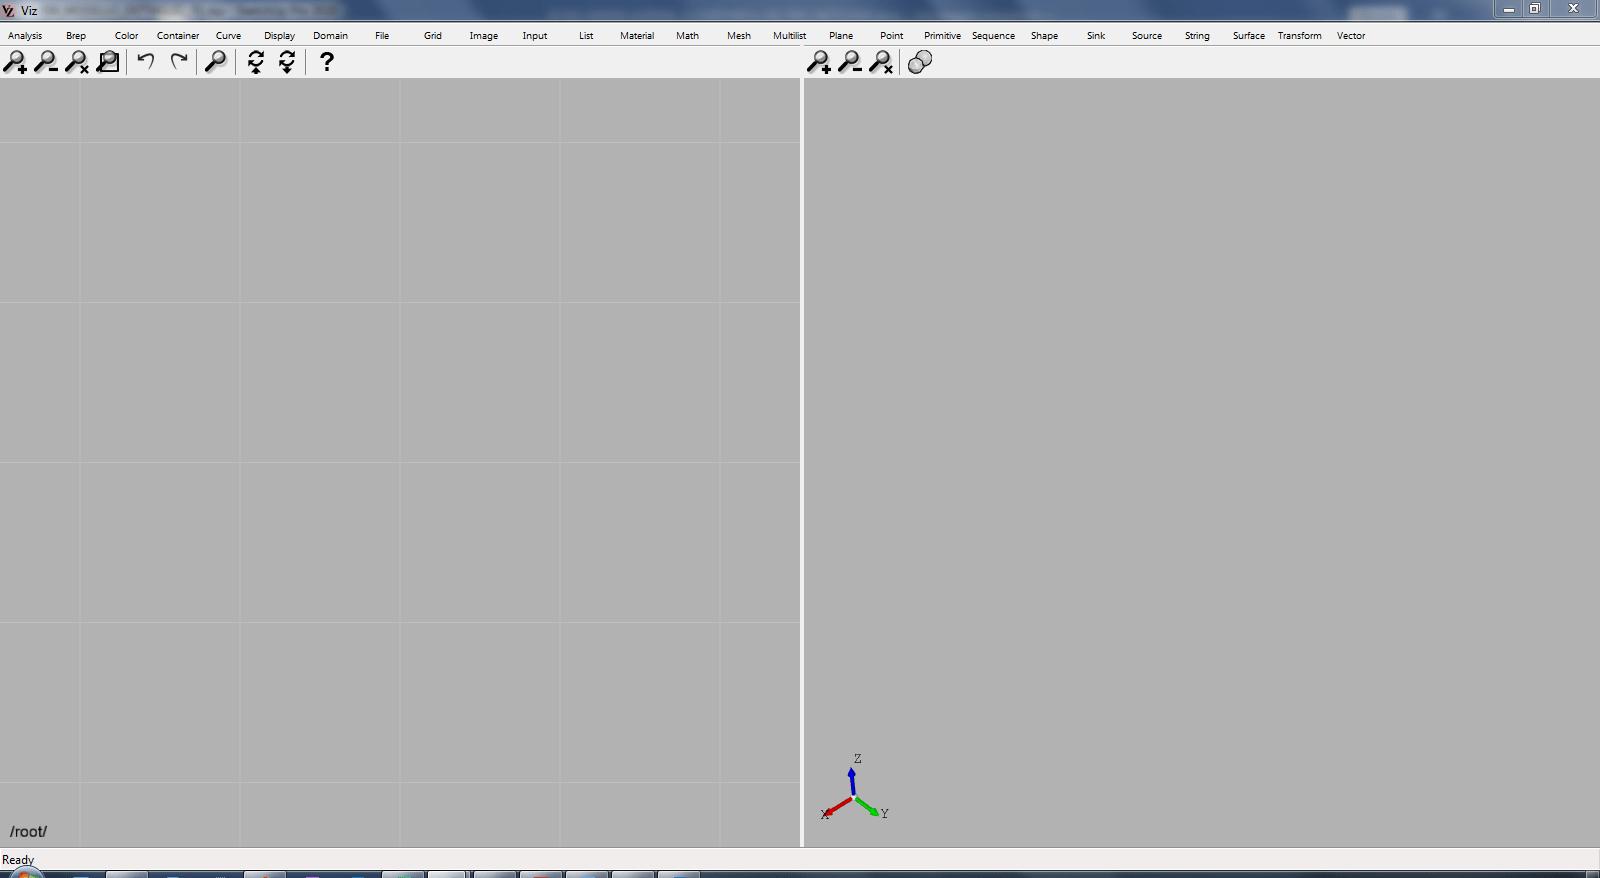 Finestra principale del software Viz Pro 2